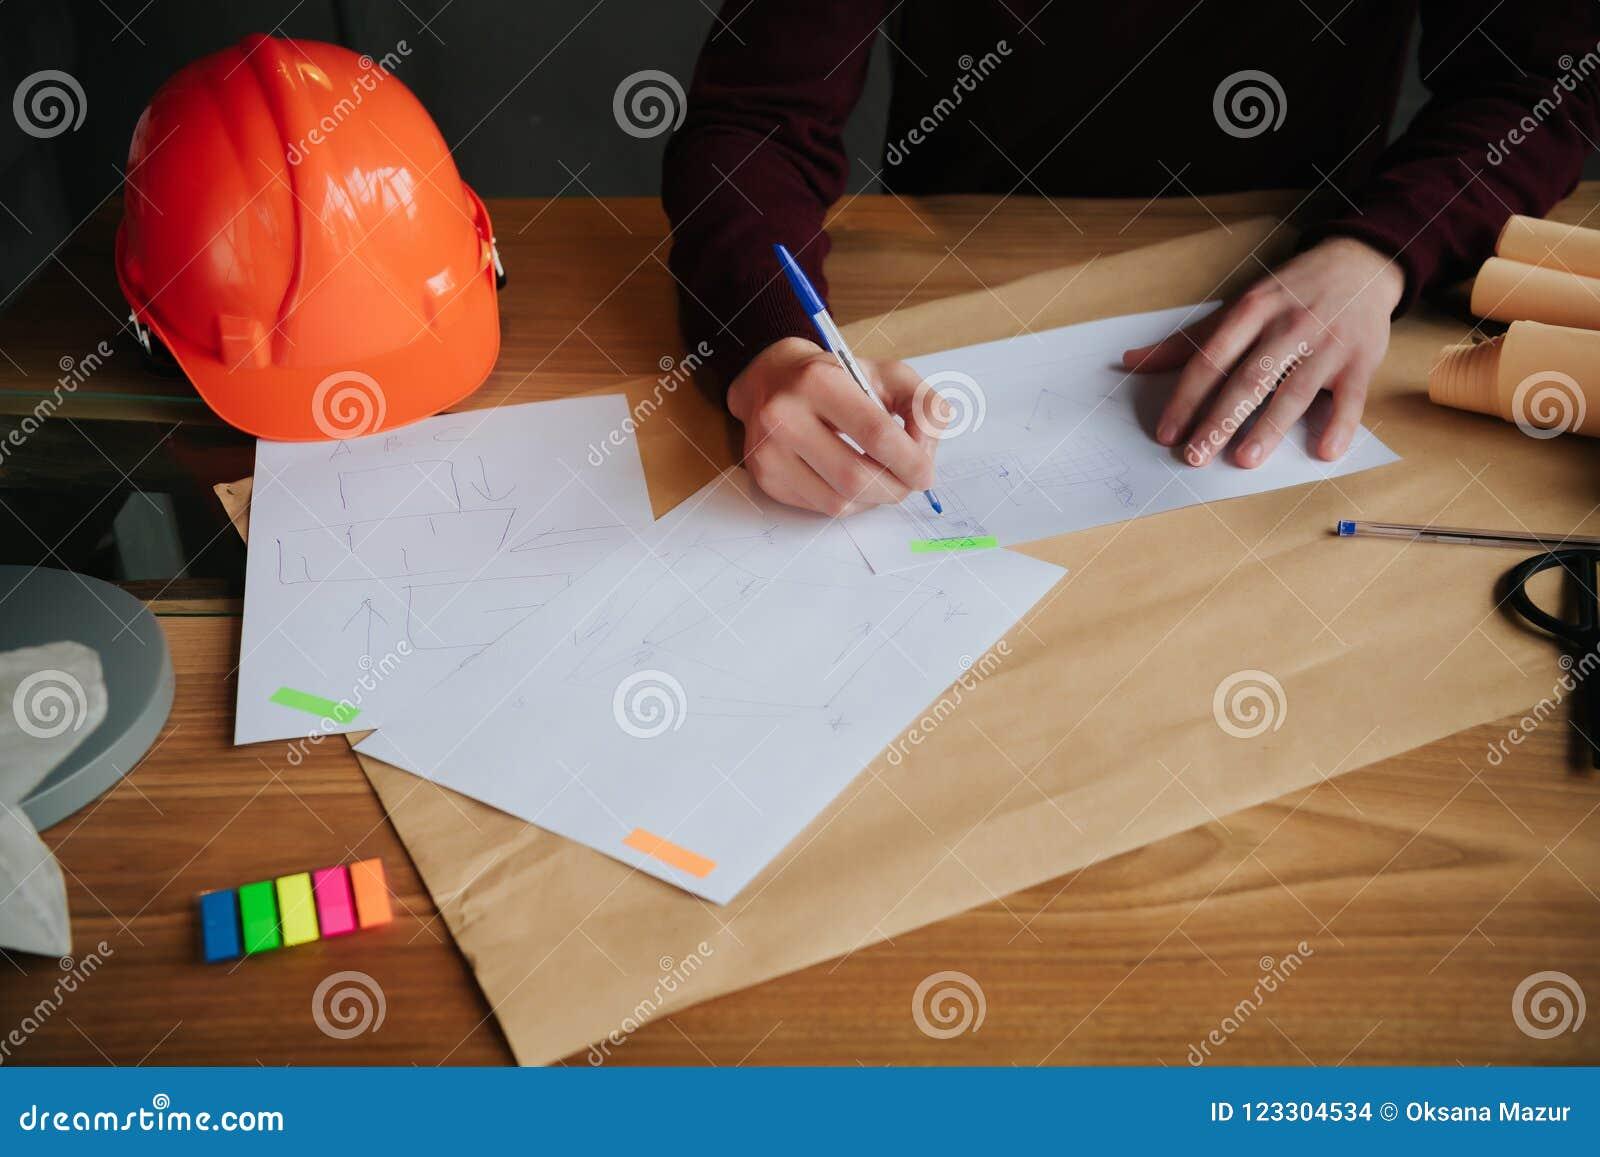 Arquitectos del concepto, pluma de tenencia del ingeniero señalando a arquitectos del equipo en el escritorio con un modelo en la